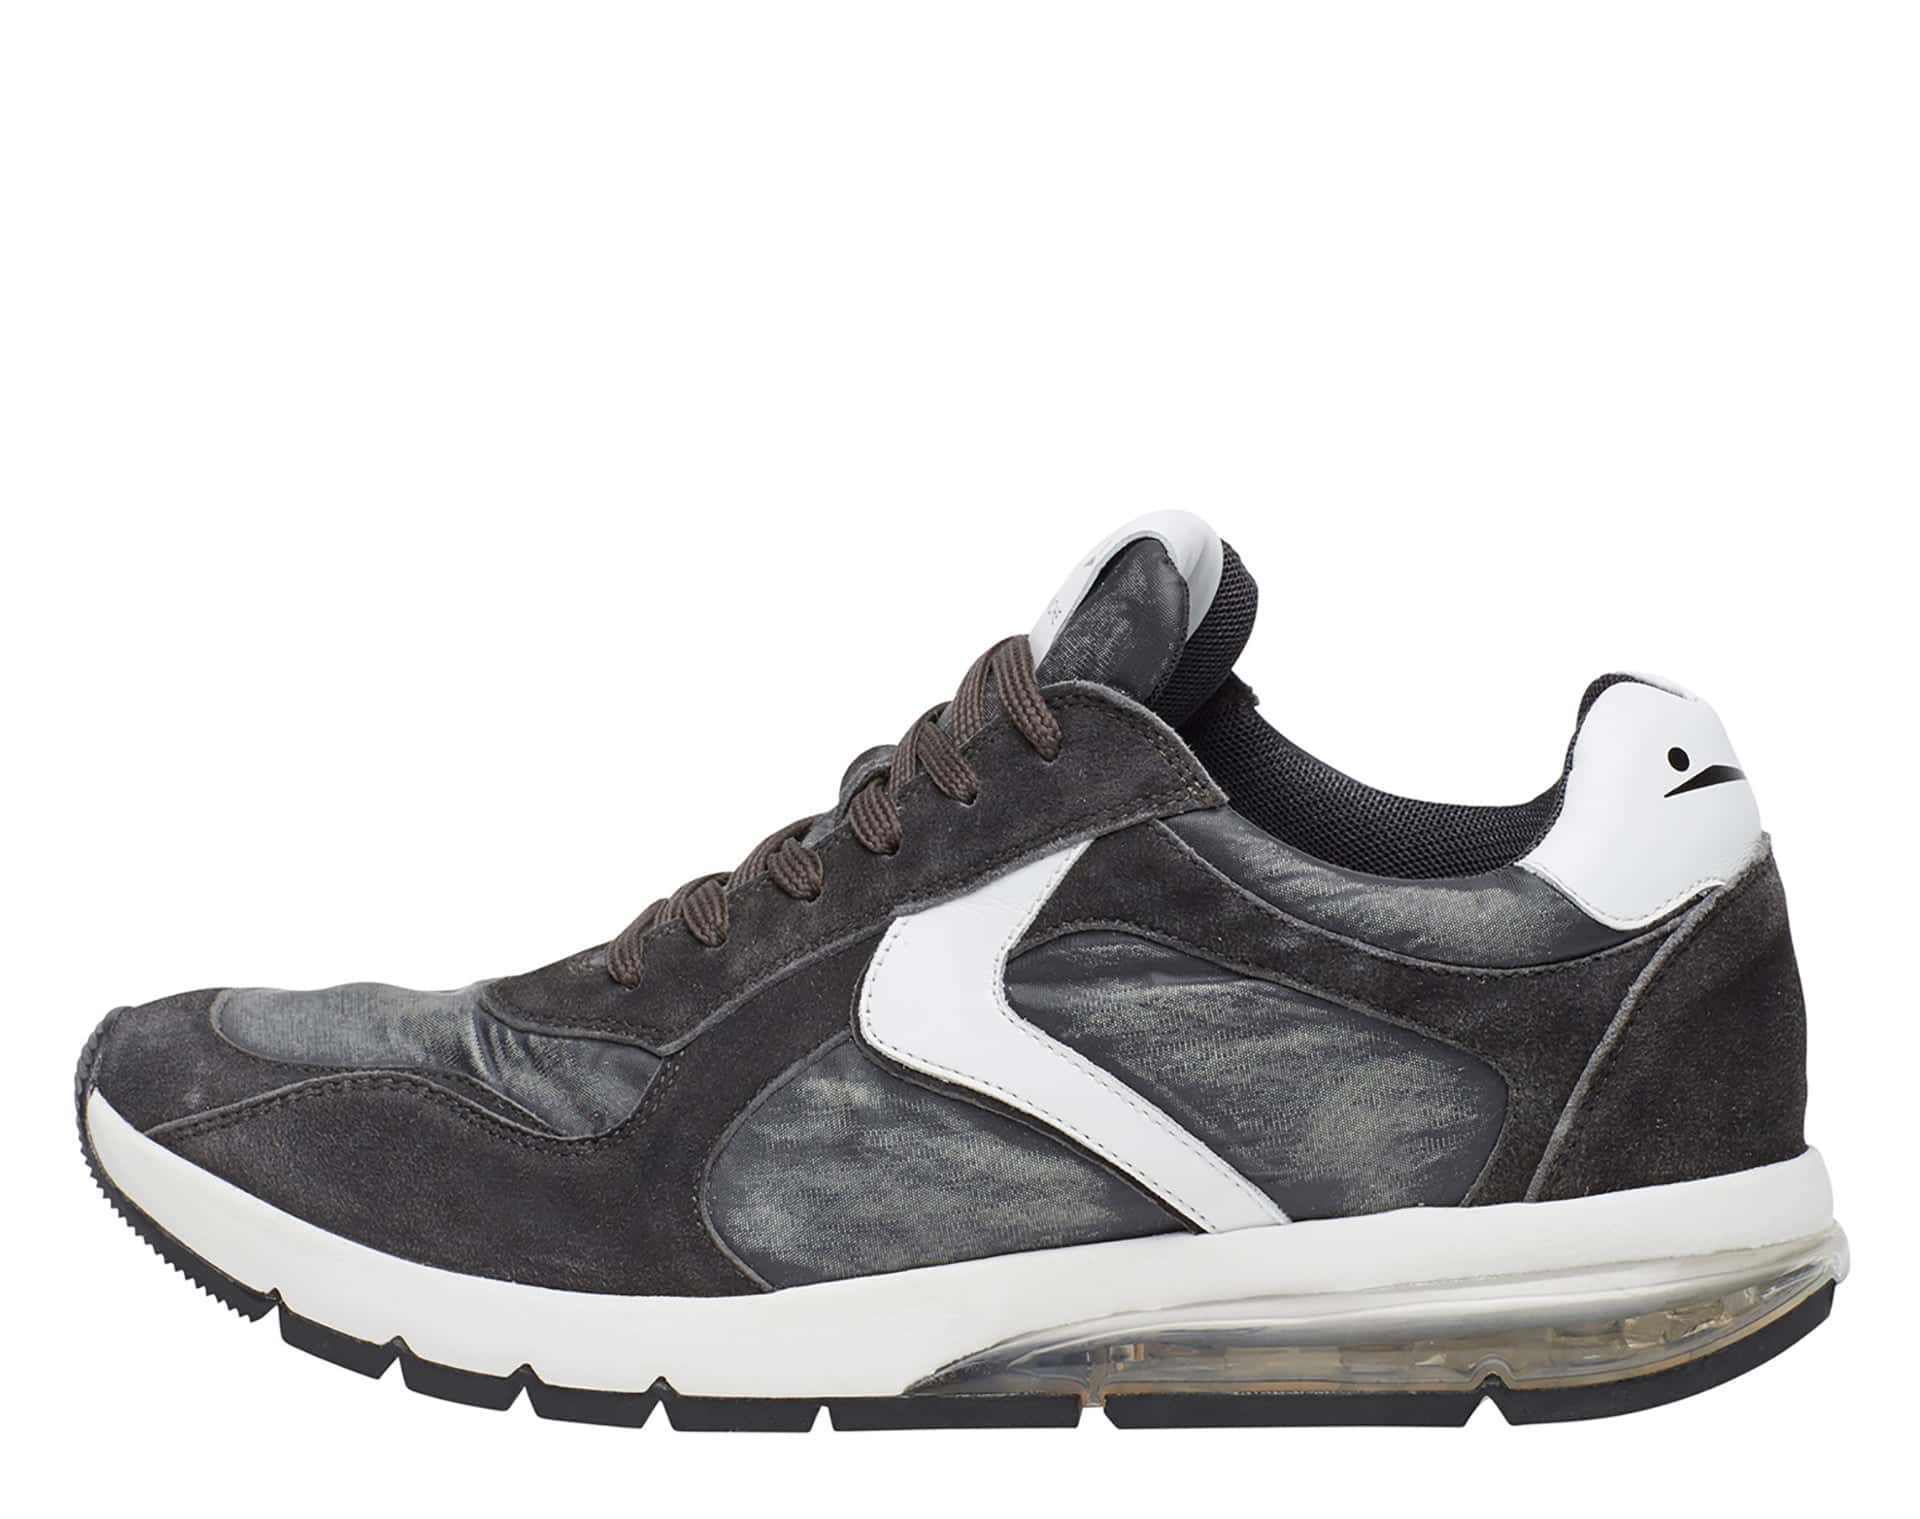 ARGO - Sneakers in pelle e tessuto - Antracite